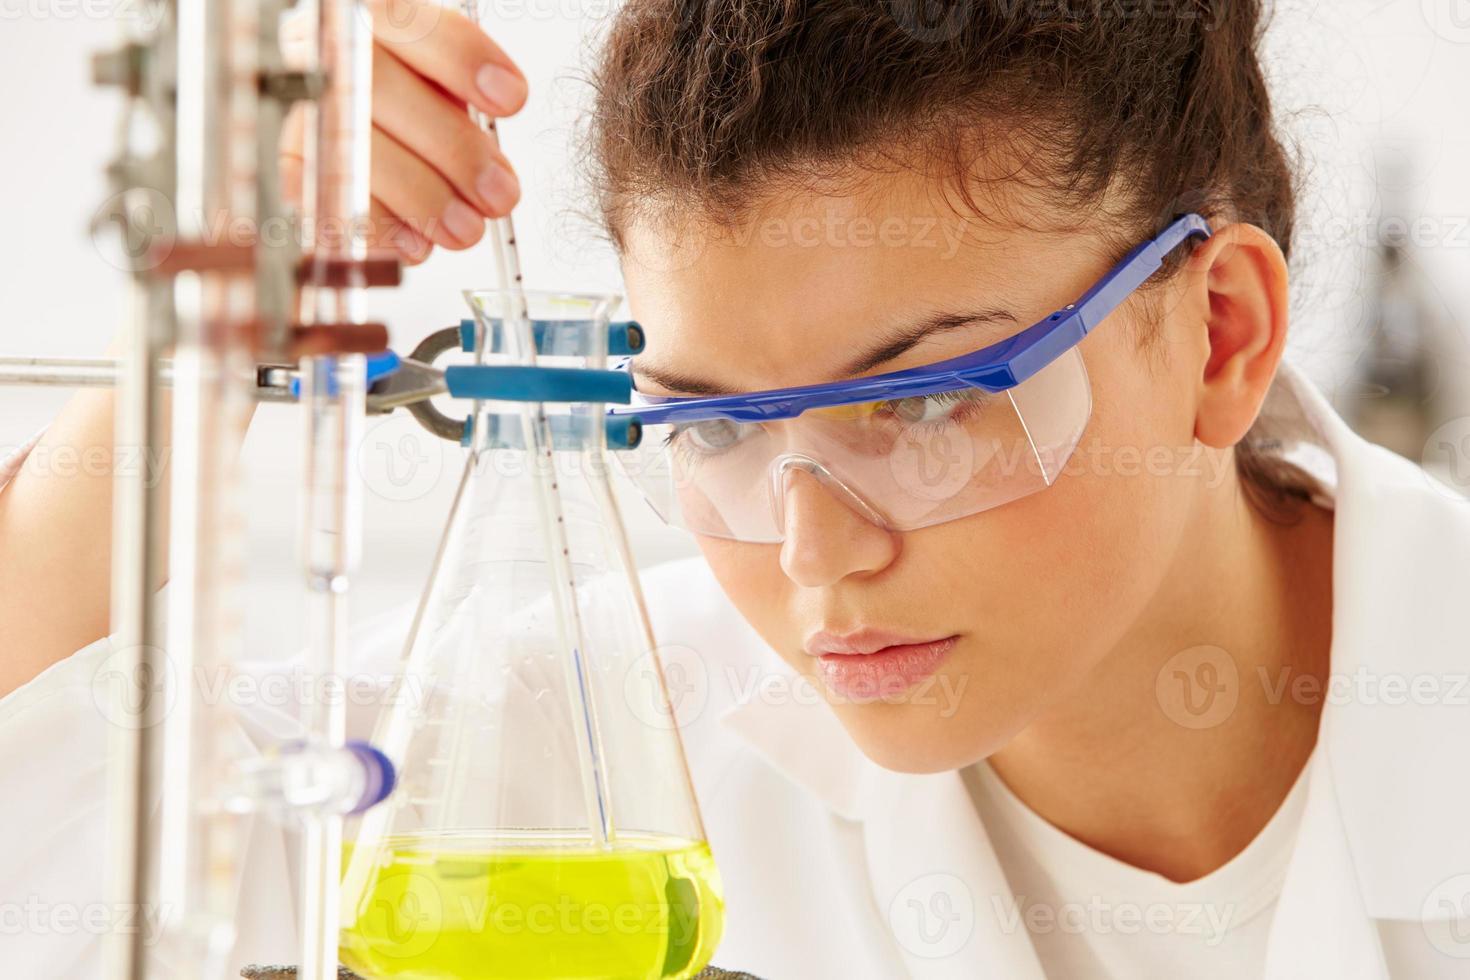 cientista feminina estudando líquido no balão foto